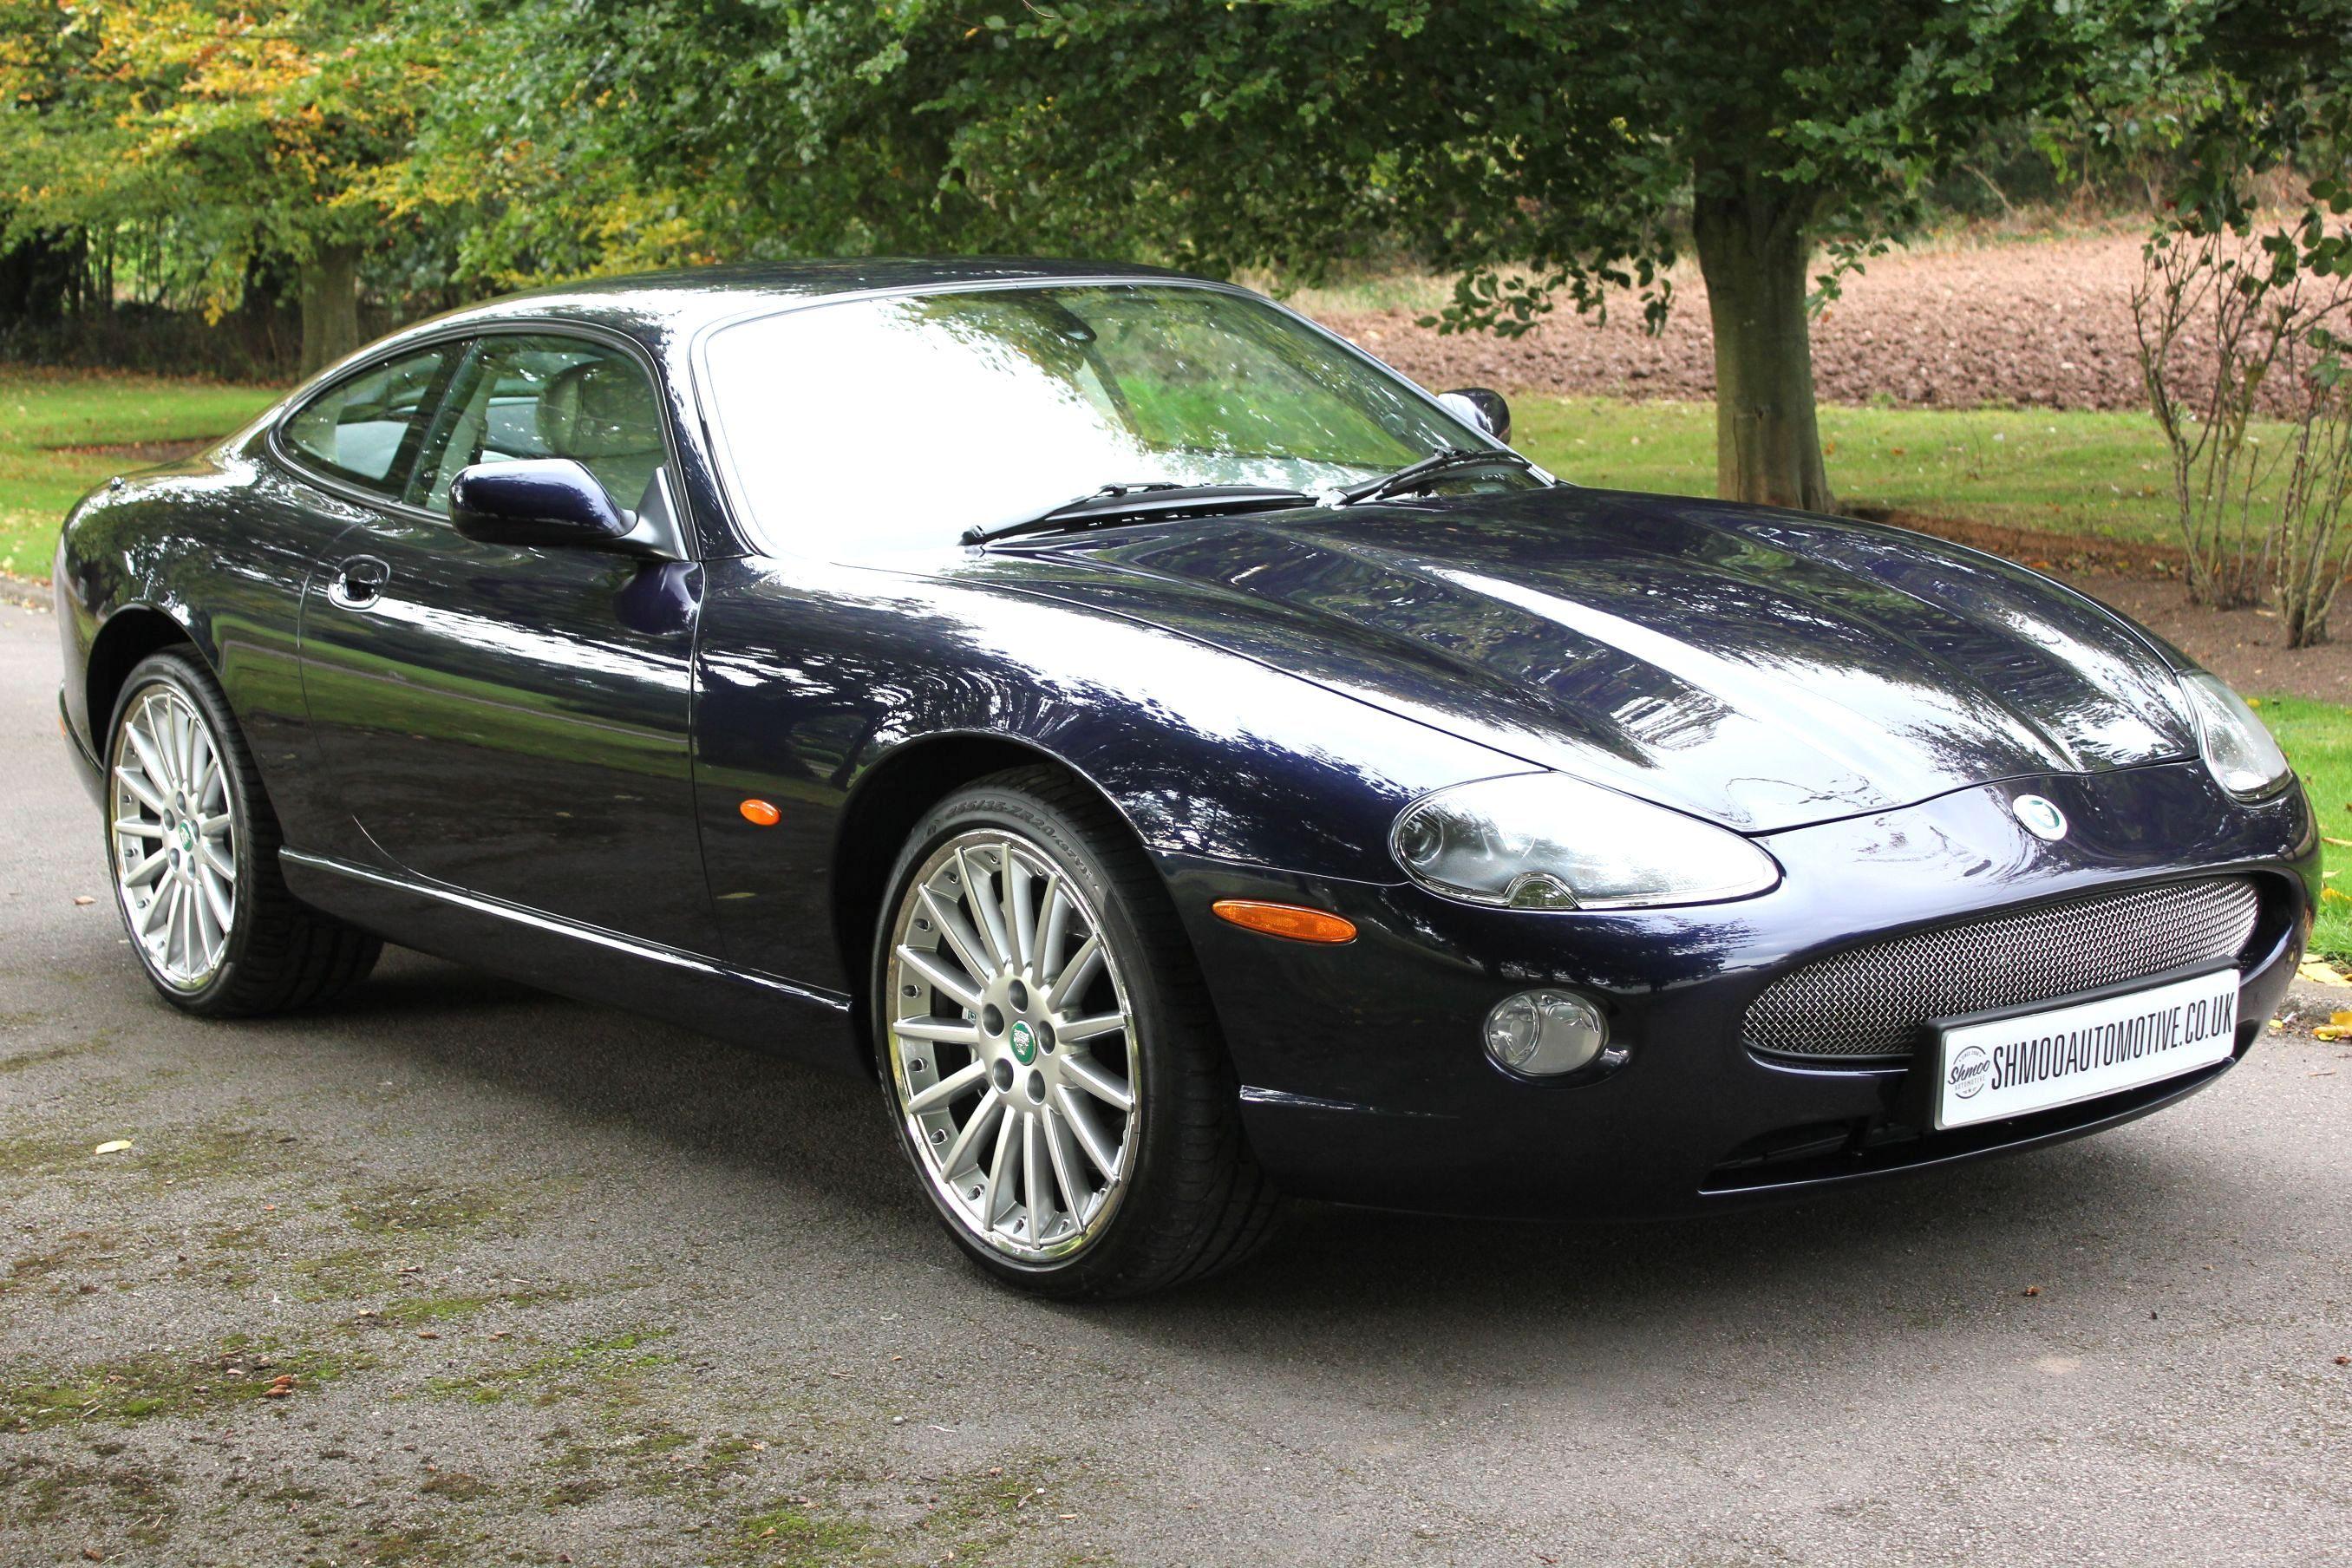 Jaguar XK8 4 2S Coupe - The last cars off the production